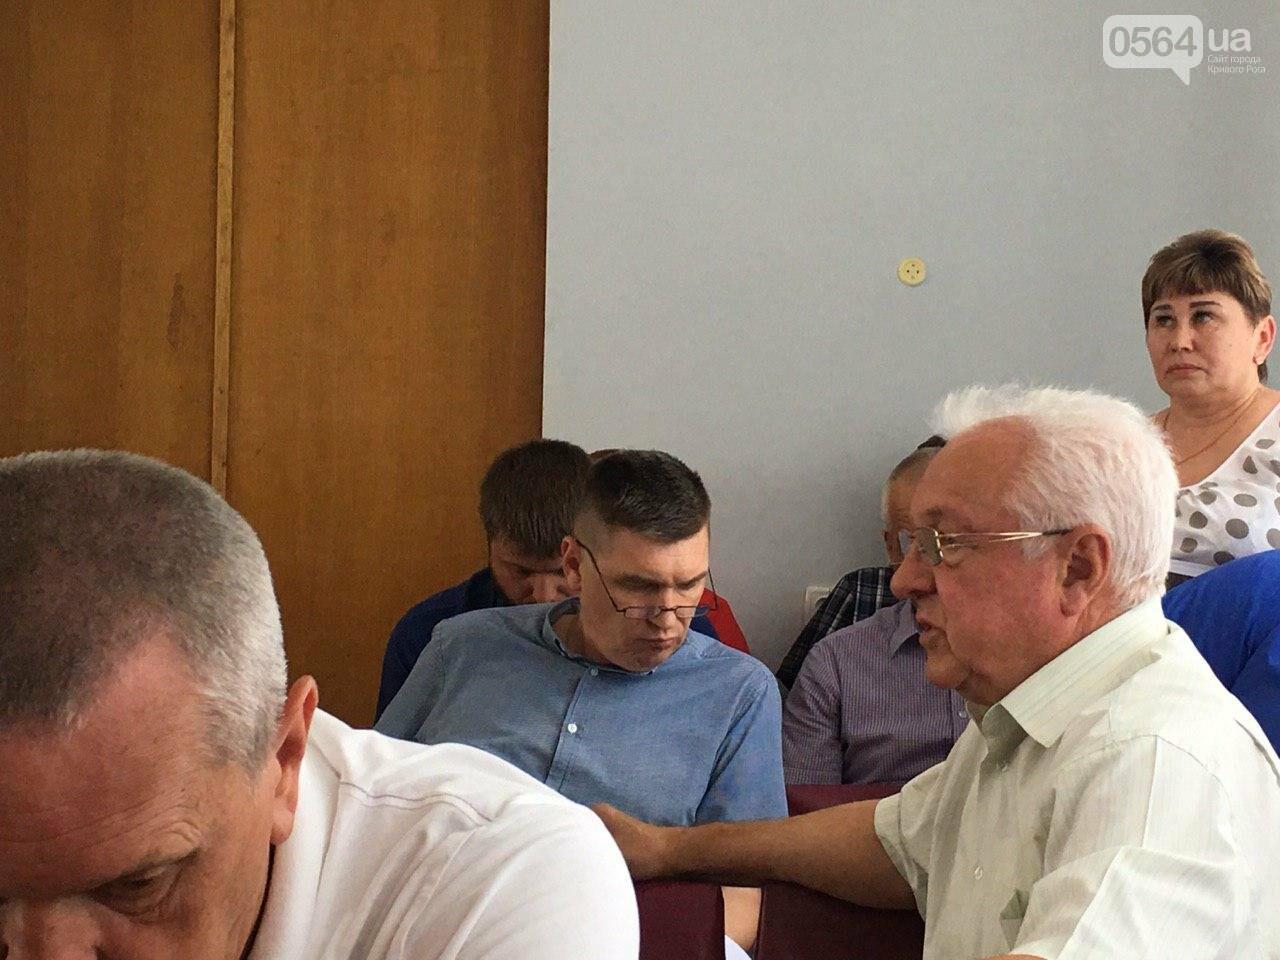 Криворожское КП пытается подготовится к отопительному сезону, несмотря на долг в полмиллиарда, - ФОТО , фото-49